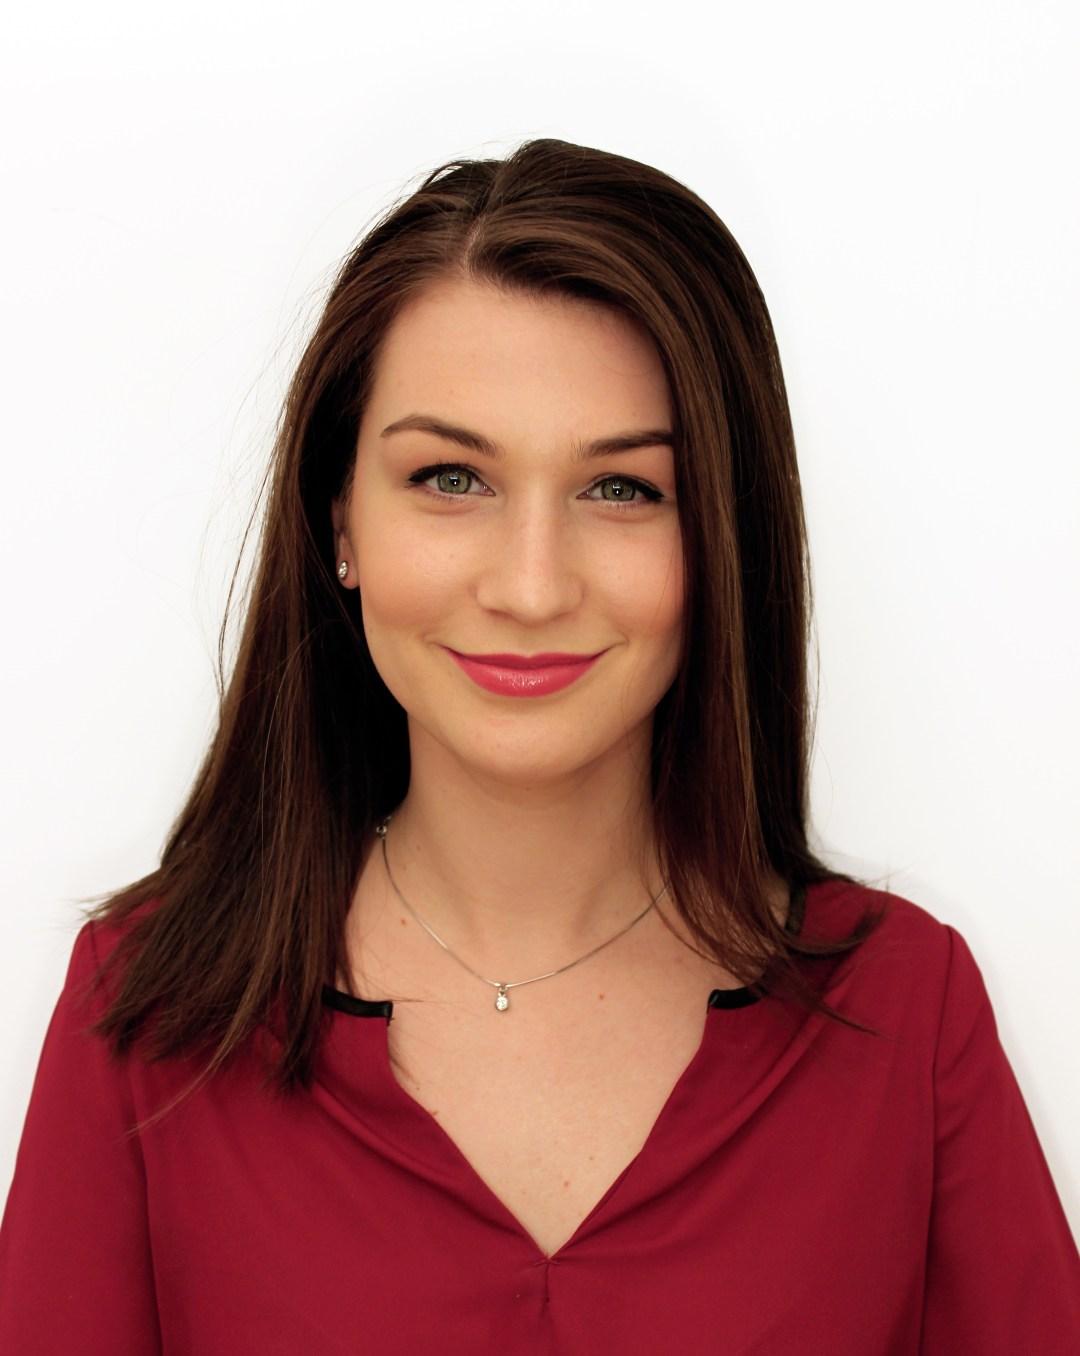 Melanie Salzl